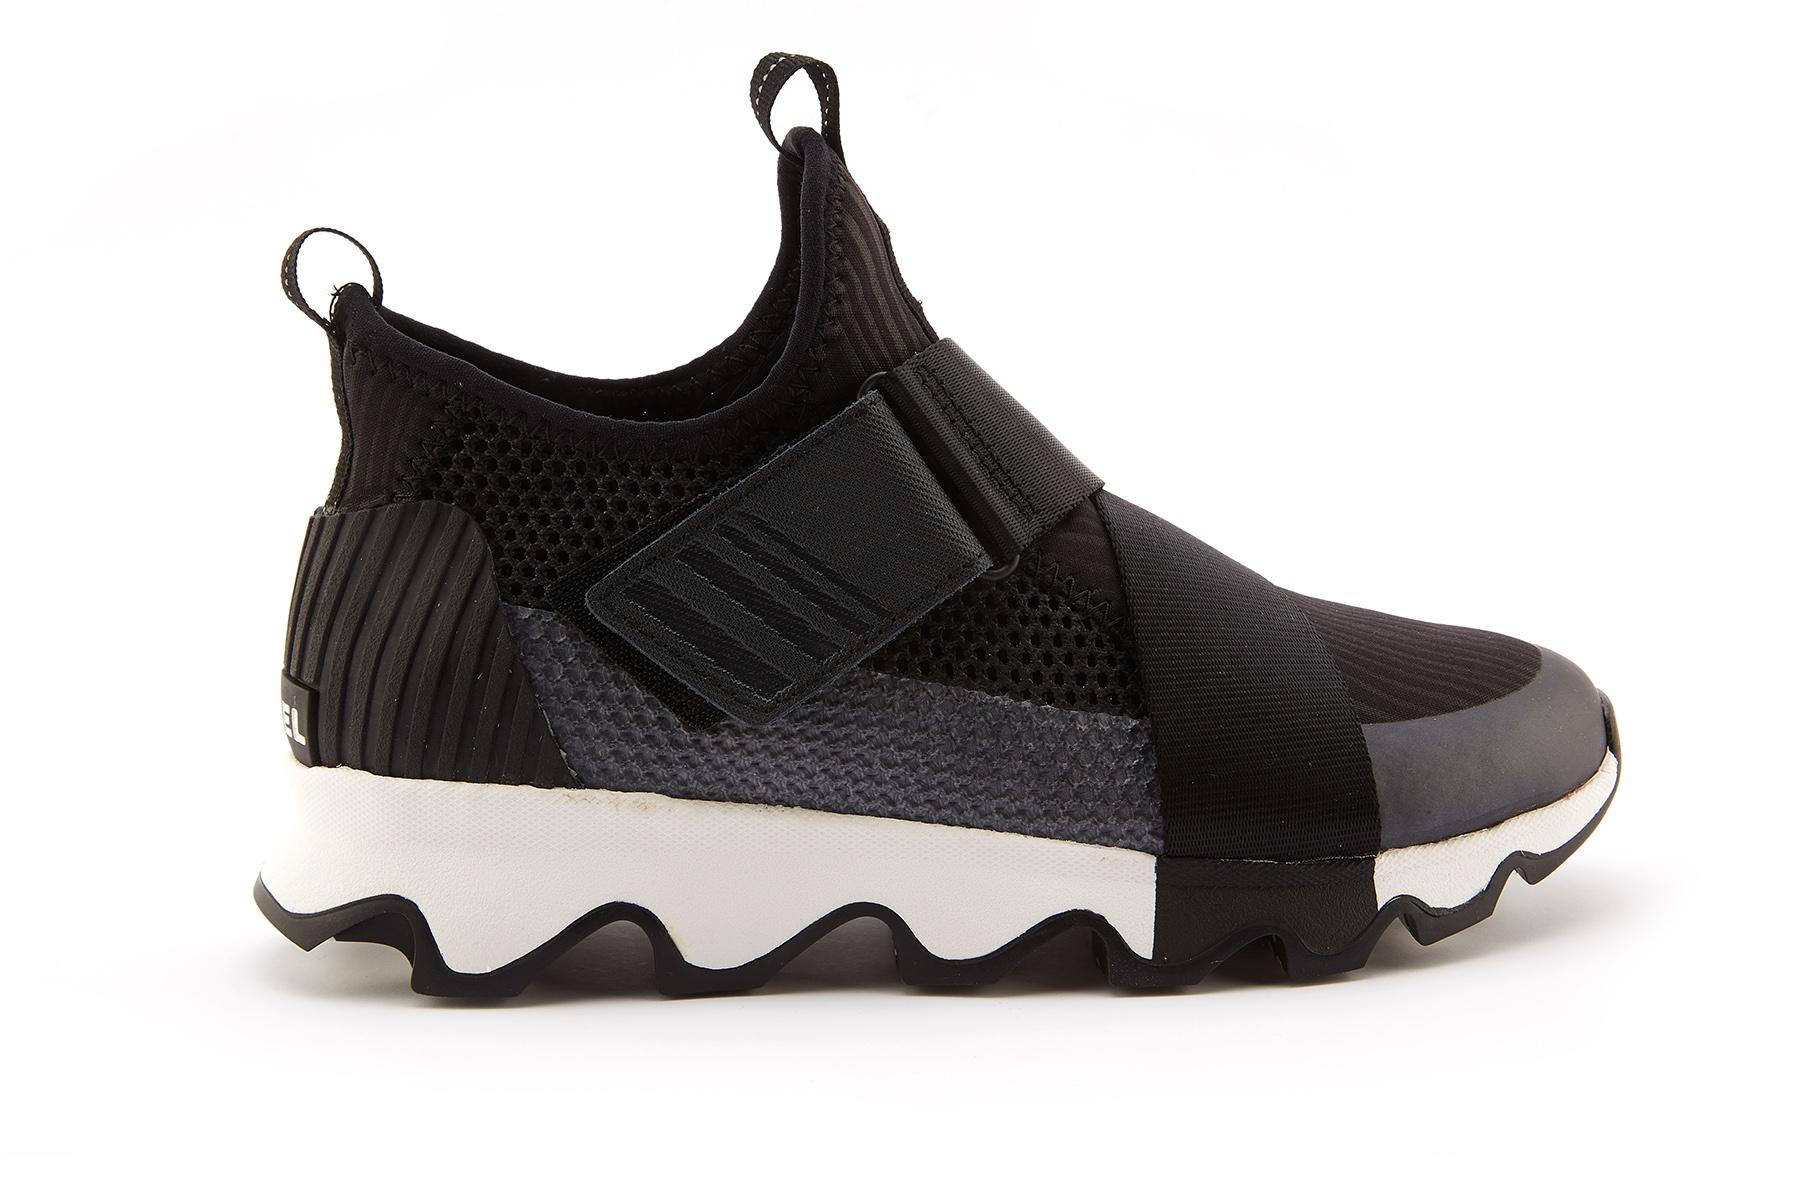 7de09719702 Women s Sneakers SOREL Kinetic Sneak Black White - APIA FR